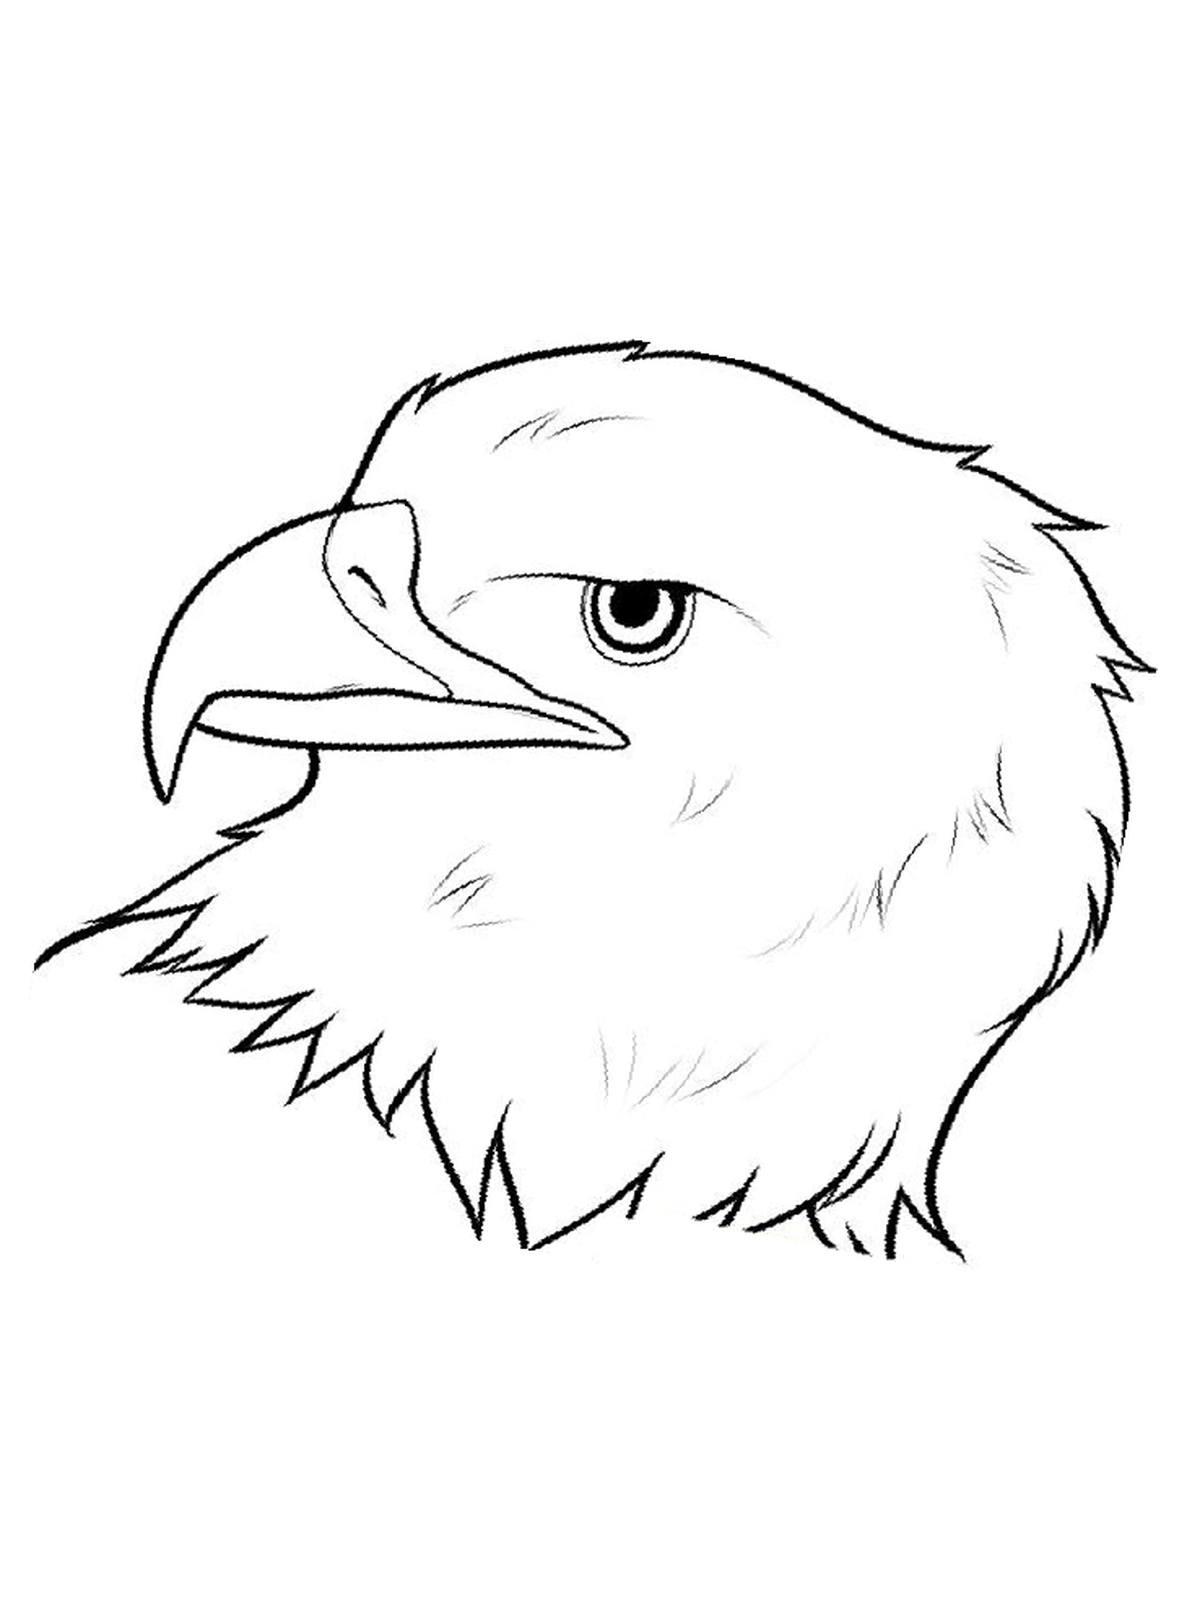 Ausmalbilder, Malvorlagen Von Adler Kostenlos Zum Ausdrucken über Adler Bilder Zum Ausdrucken